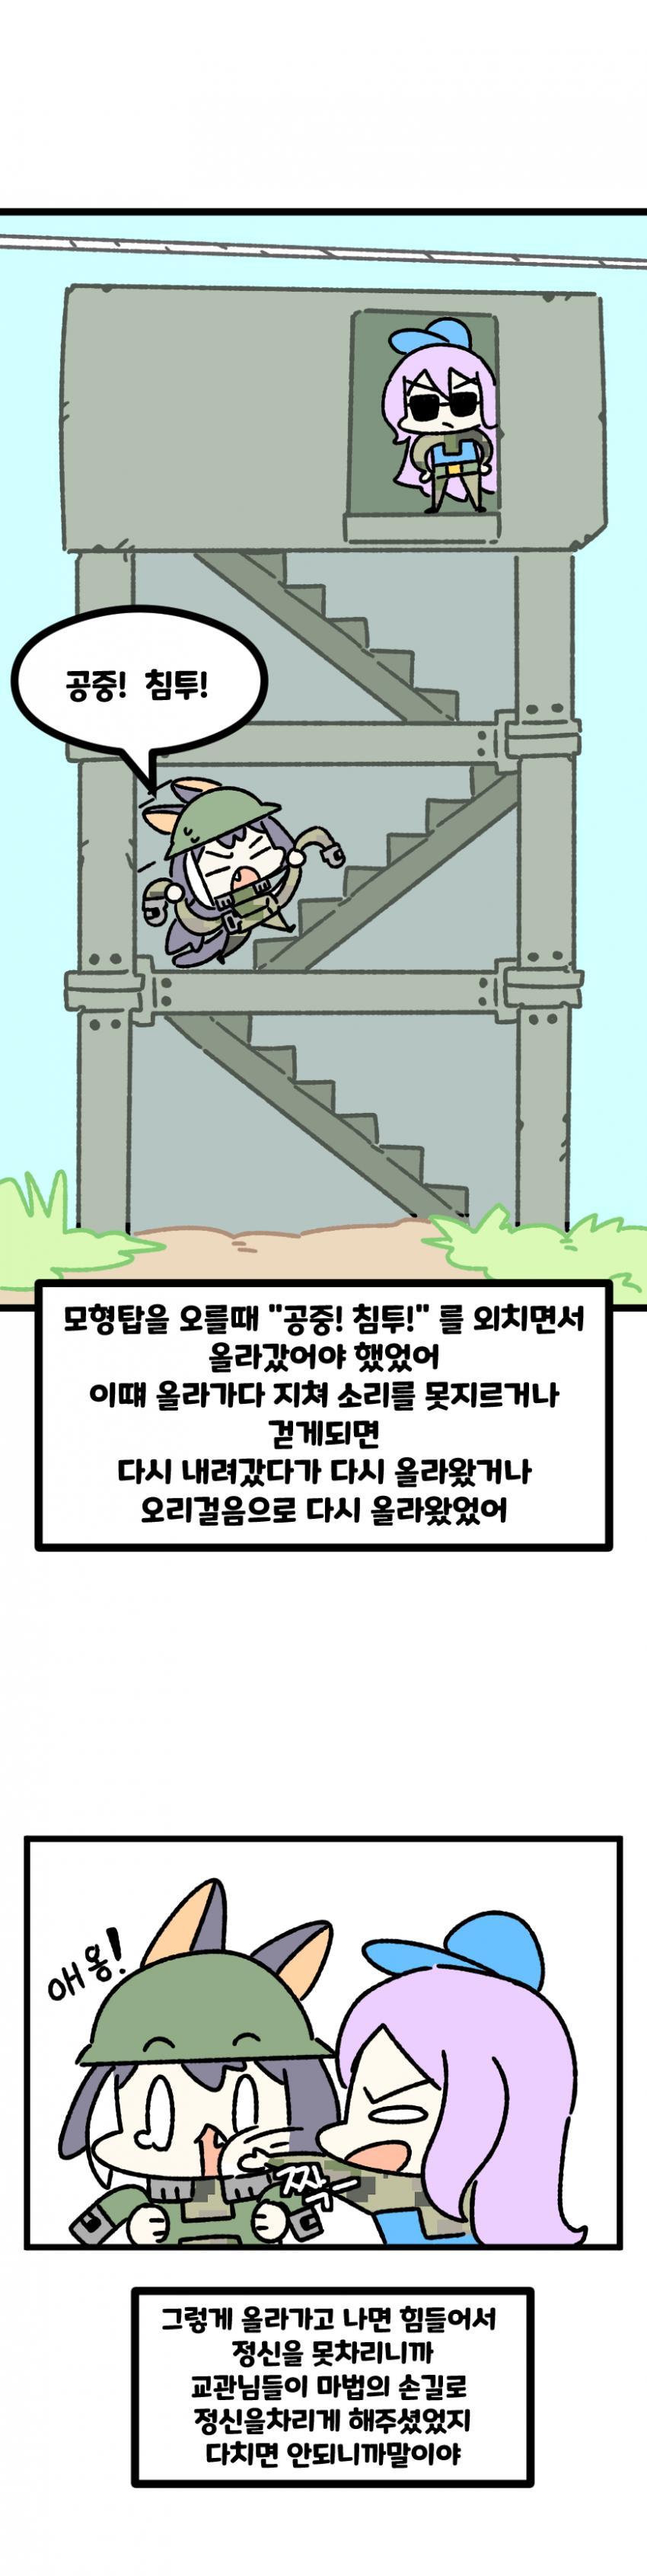 viewimage.php?id=2ebcc232eadd36&no=24b0d769e1d32ca73fec8ffa11d0283194eeae3ea3f7d0da351cf9d34082701215d5c9a64e21e85b40bc1752327cfb32f3afb70eda789efc01d54701ba2c5f78ce